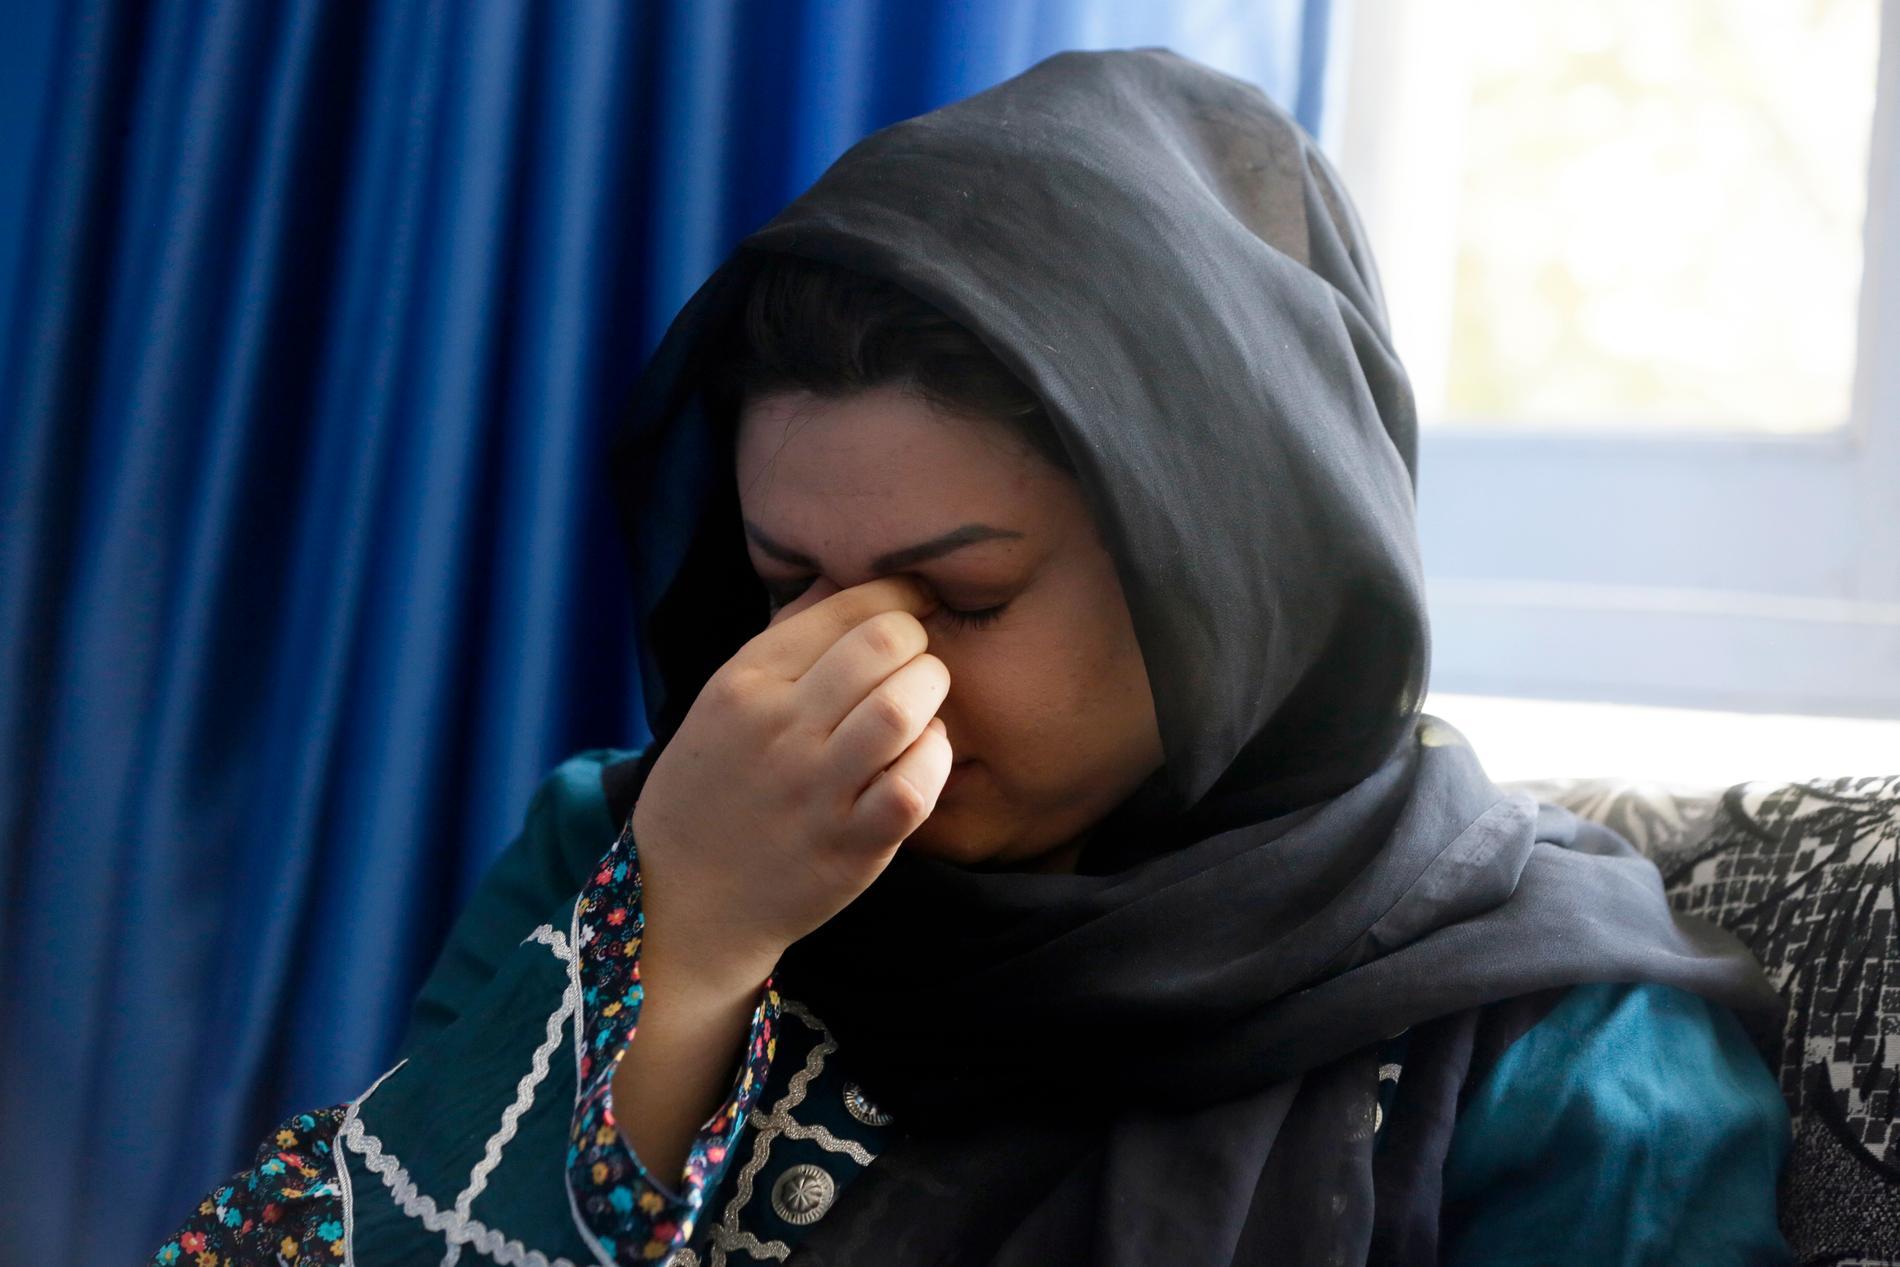 """Zarmina Kakar är en kvinnorättsaktivist som säger att hon känner oro för hur det ska bli i Afghanistan. Hon var med 1996 och befarar att det ska bli likadant igen: """"Vi kommer att återvända till samma mörka dagar som då"""", säger hon."""